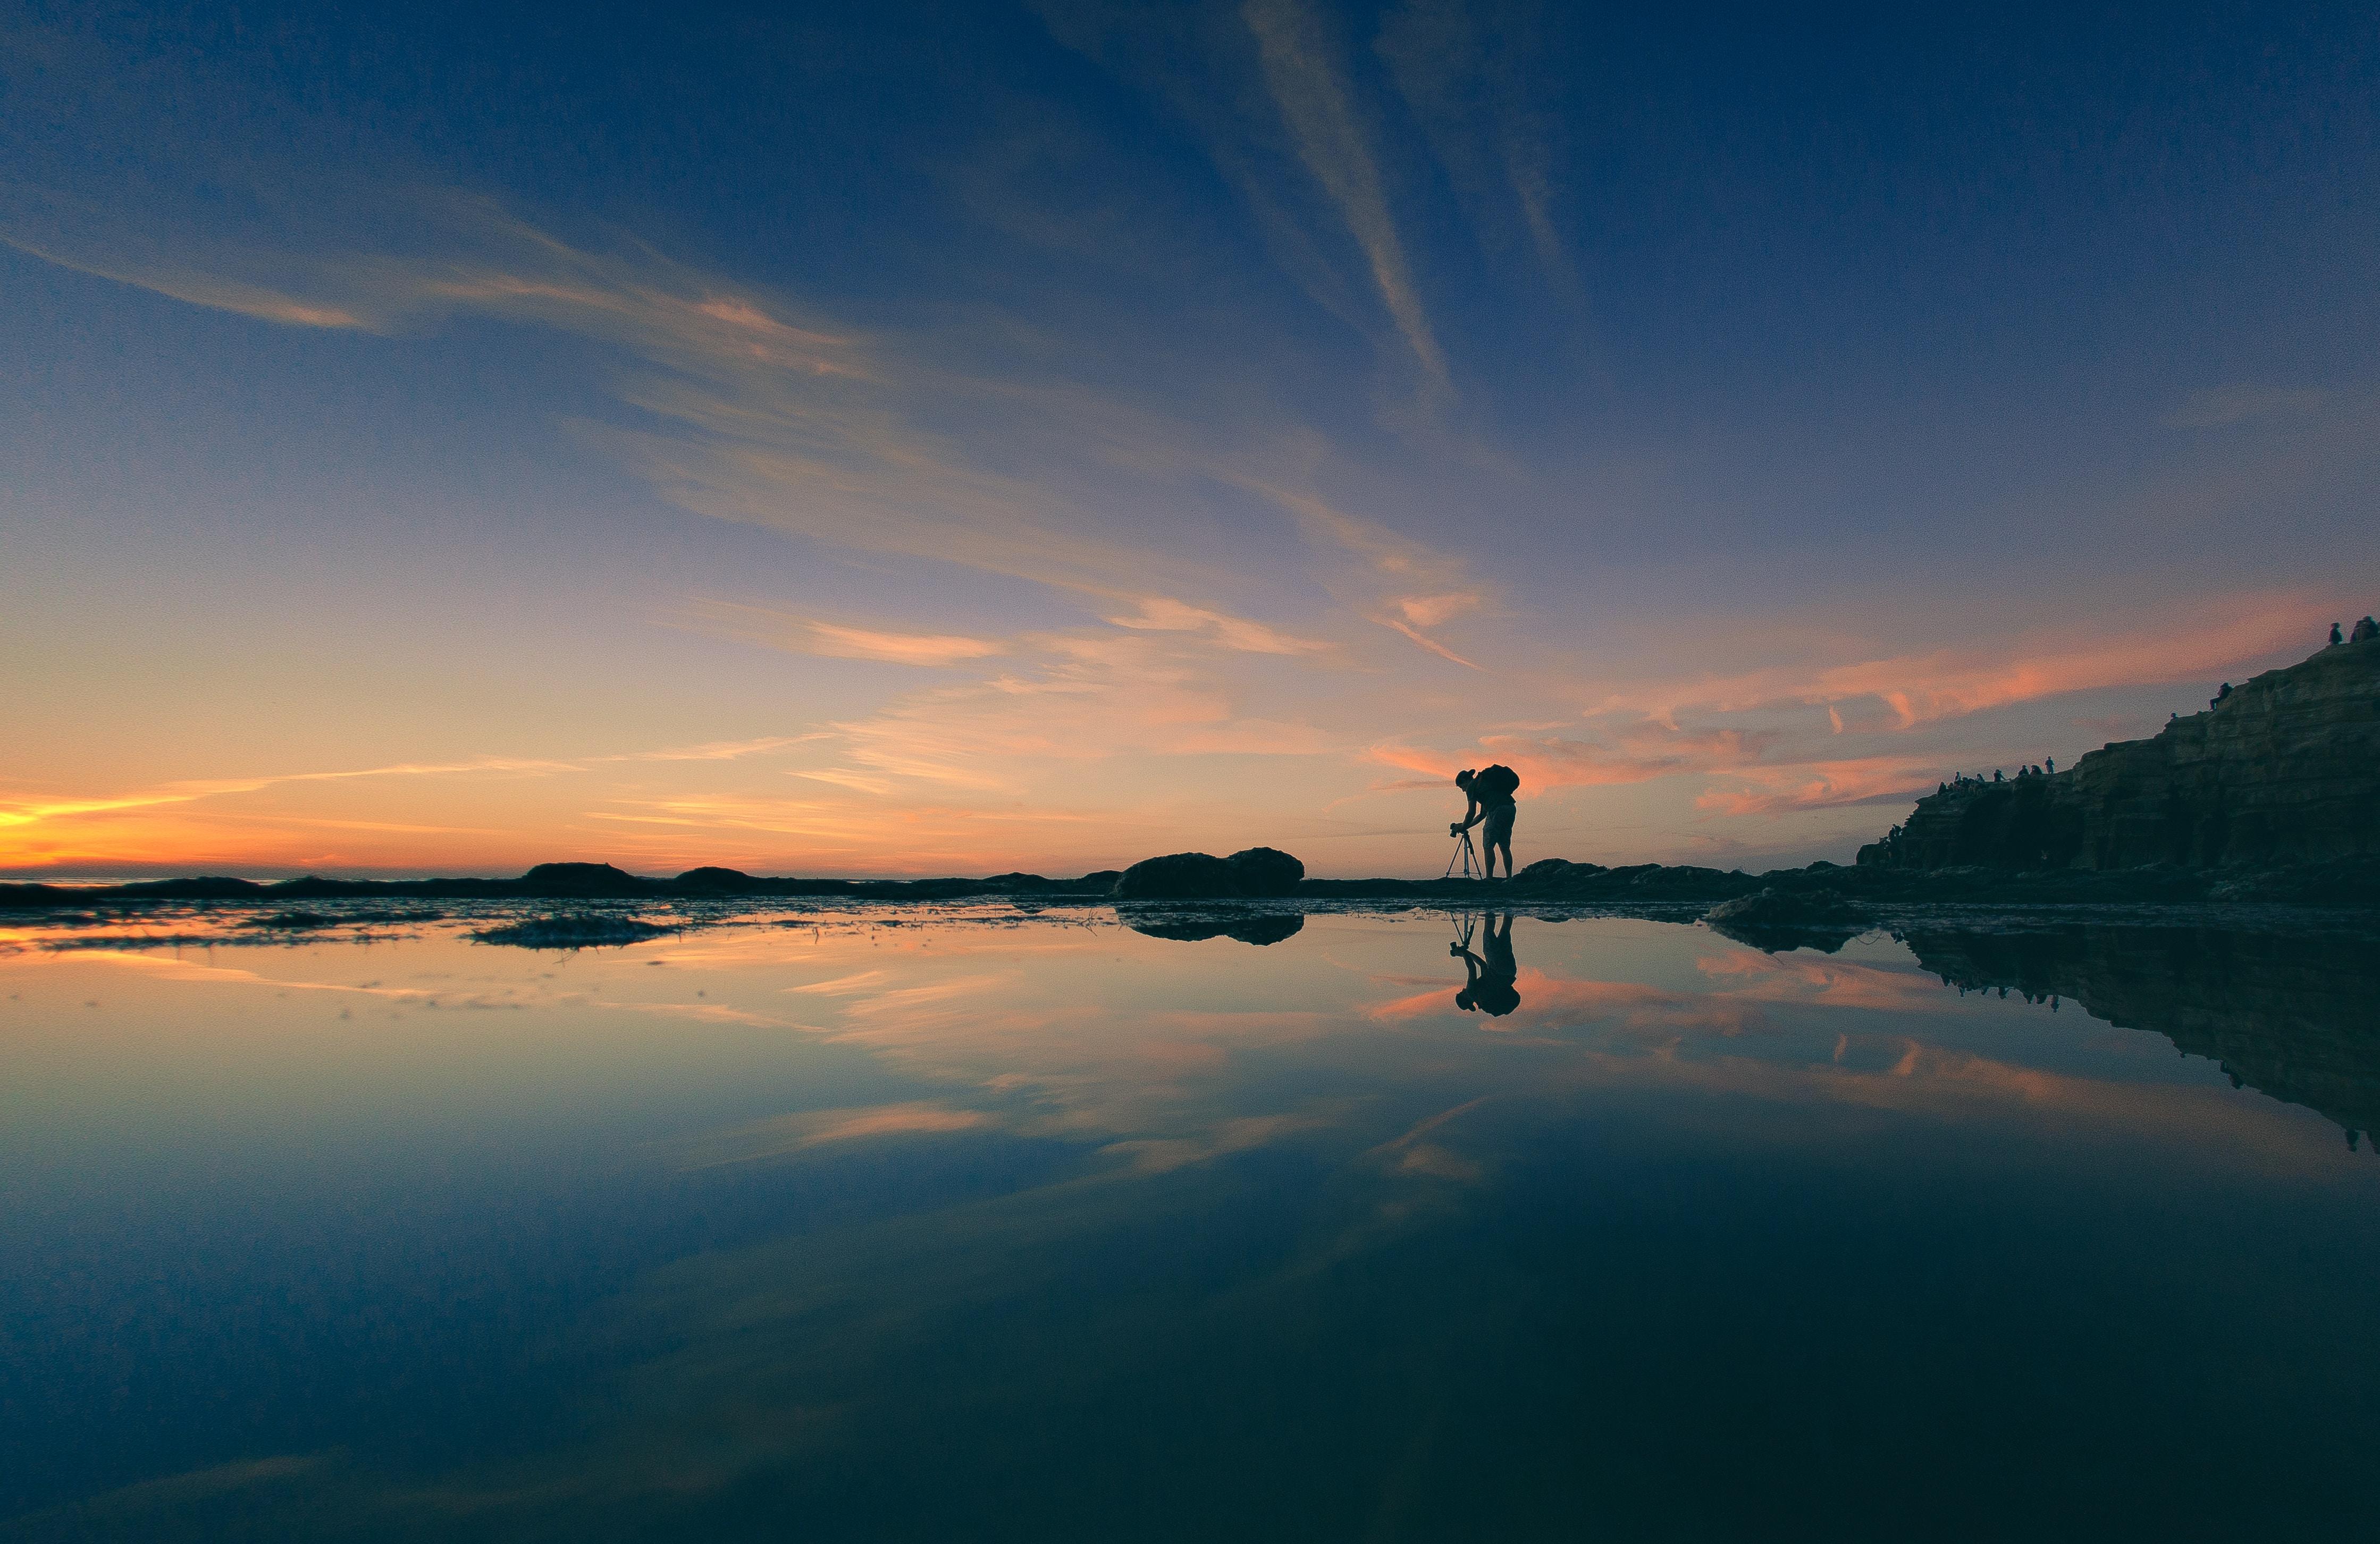 landscape photography of man adjusting camera tripod during golden hour